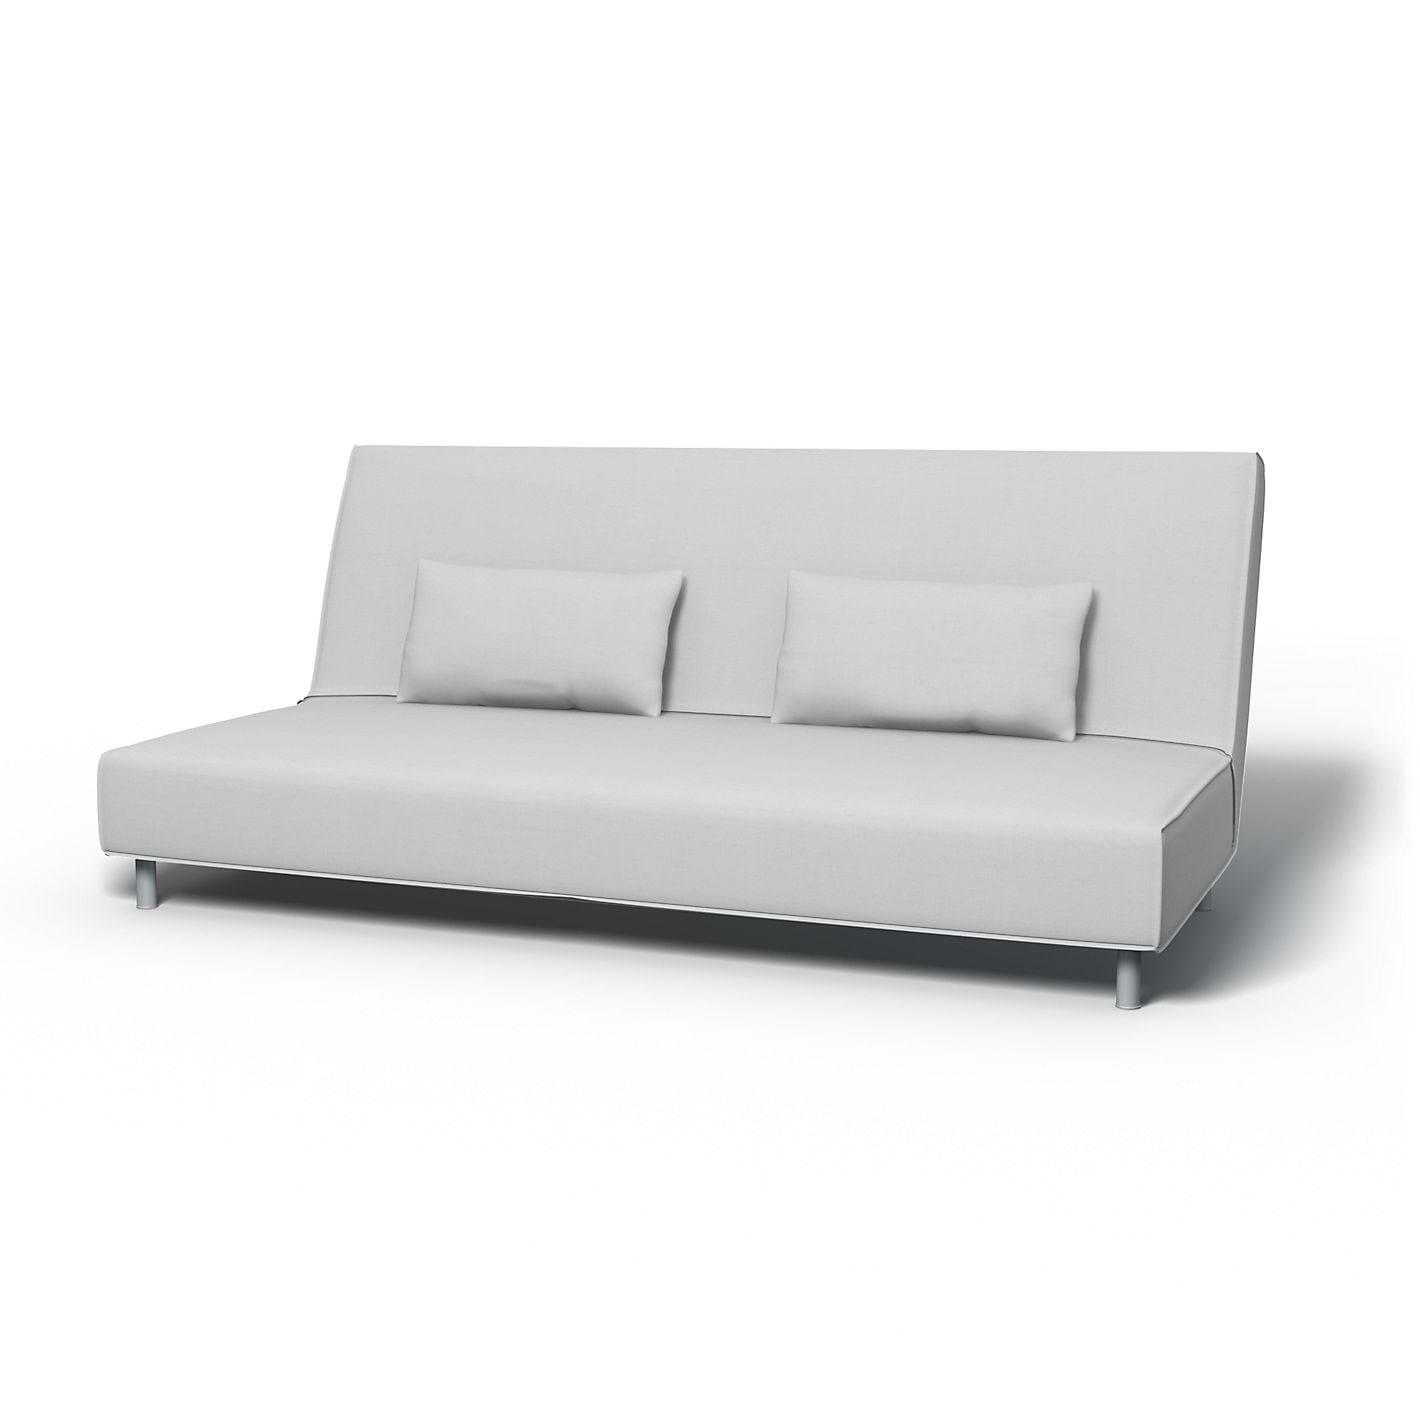 Marvelous Individuelle Ikea Bezuge Sofabezuge Tagesdecken Und Uwap Interior Chair Design Uwaporg